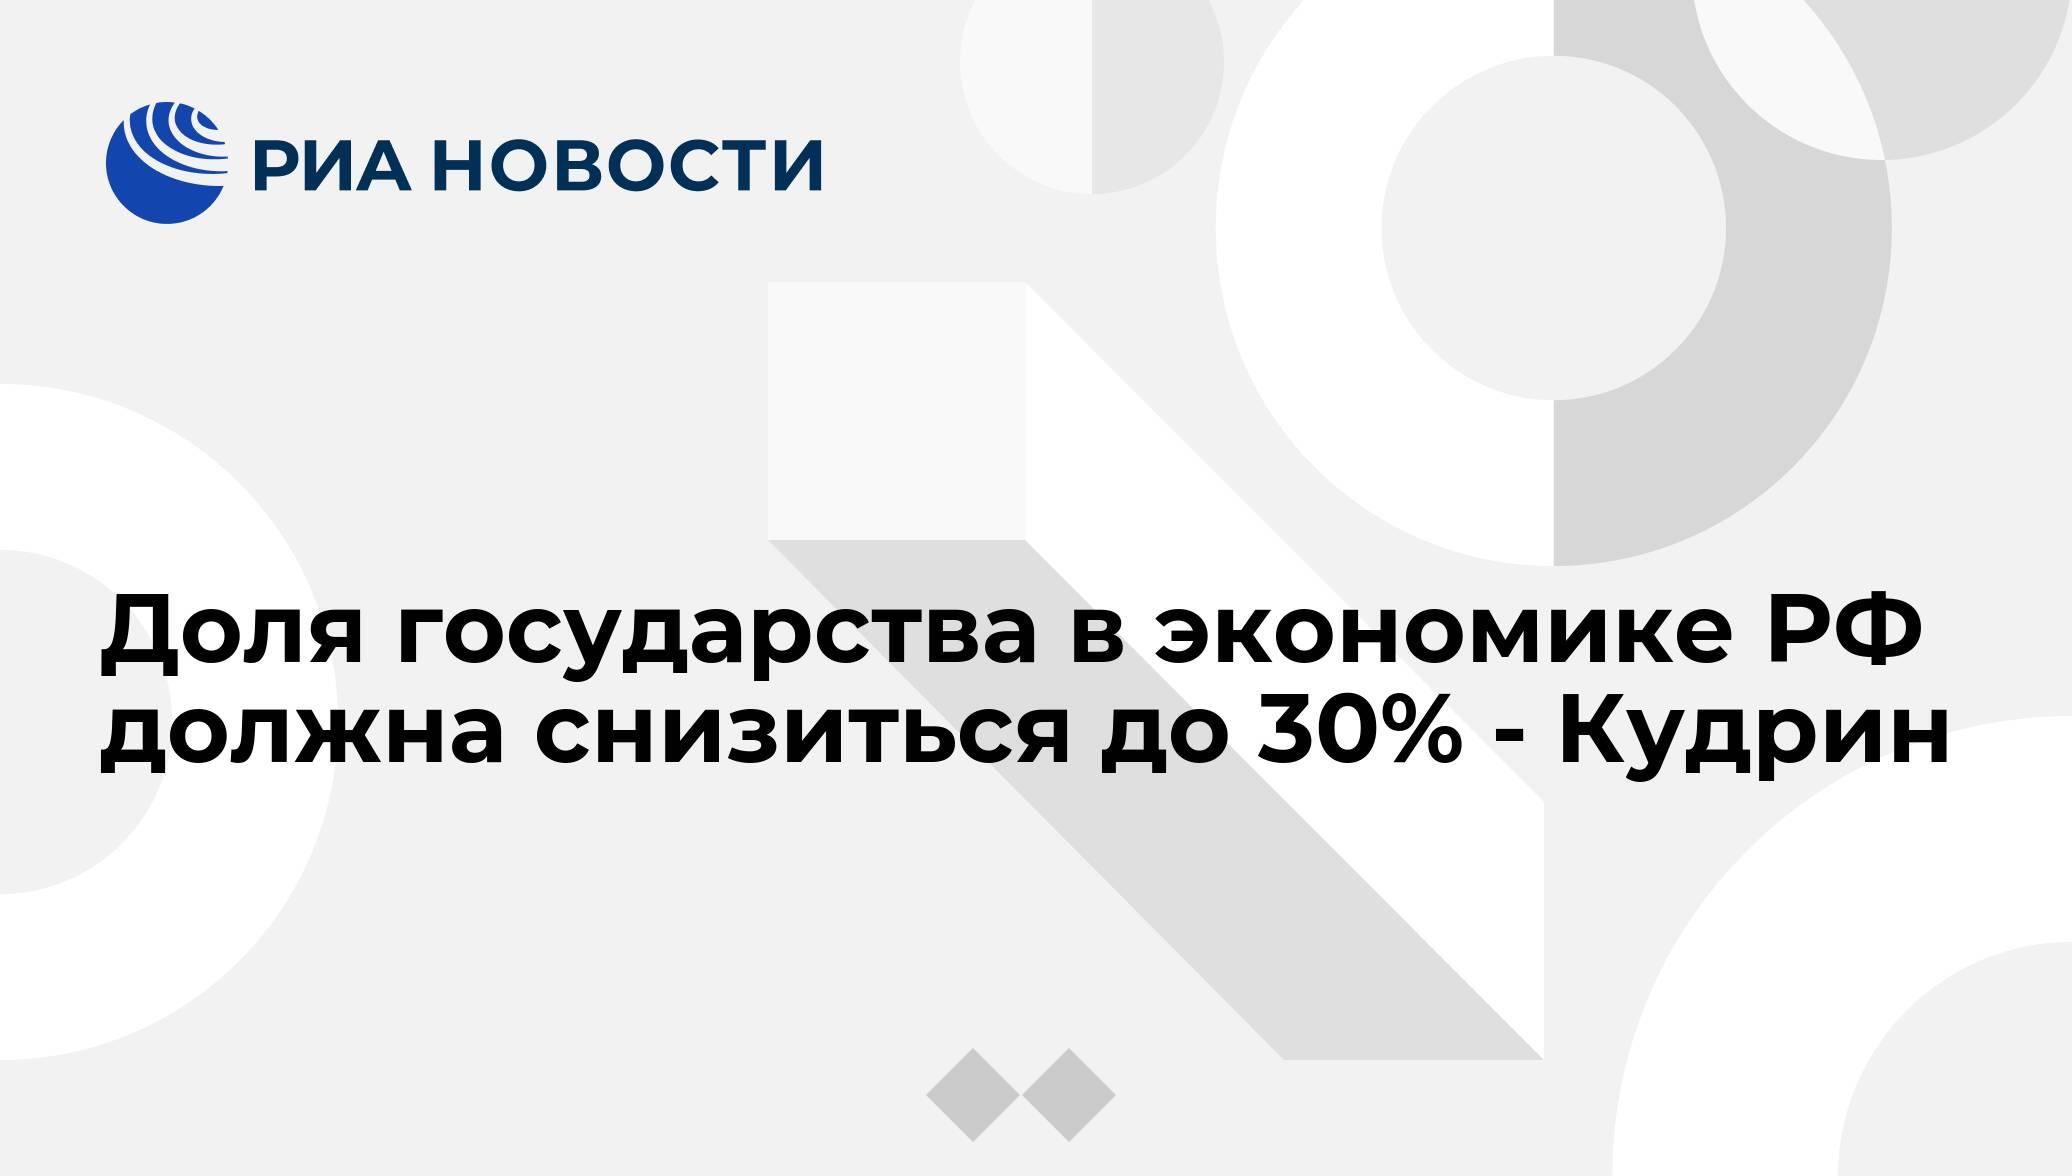 Доля государства в экономике РФ должна снизиться до 30% - Кудрин